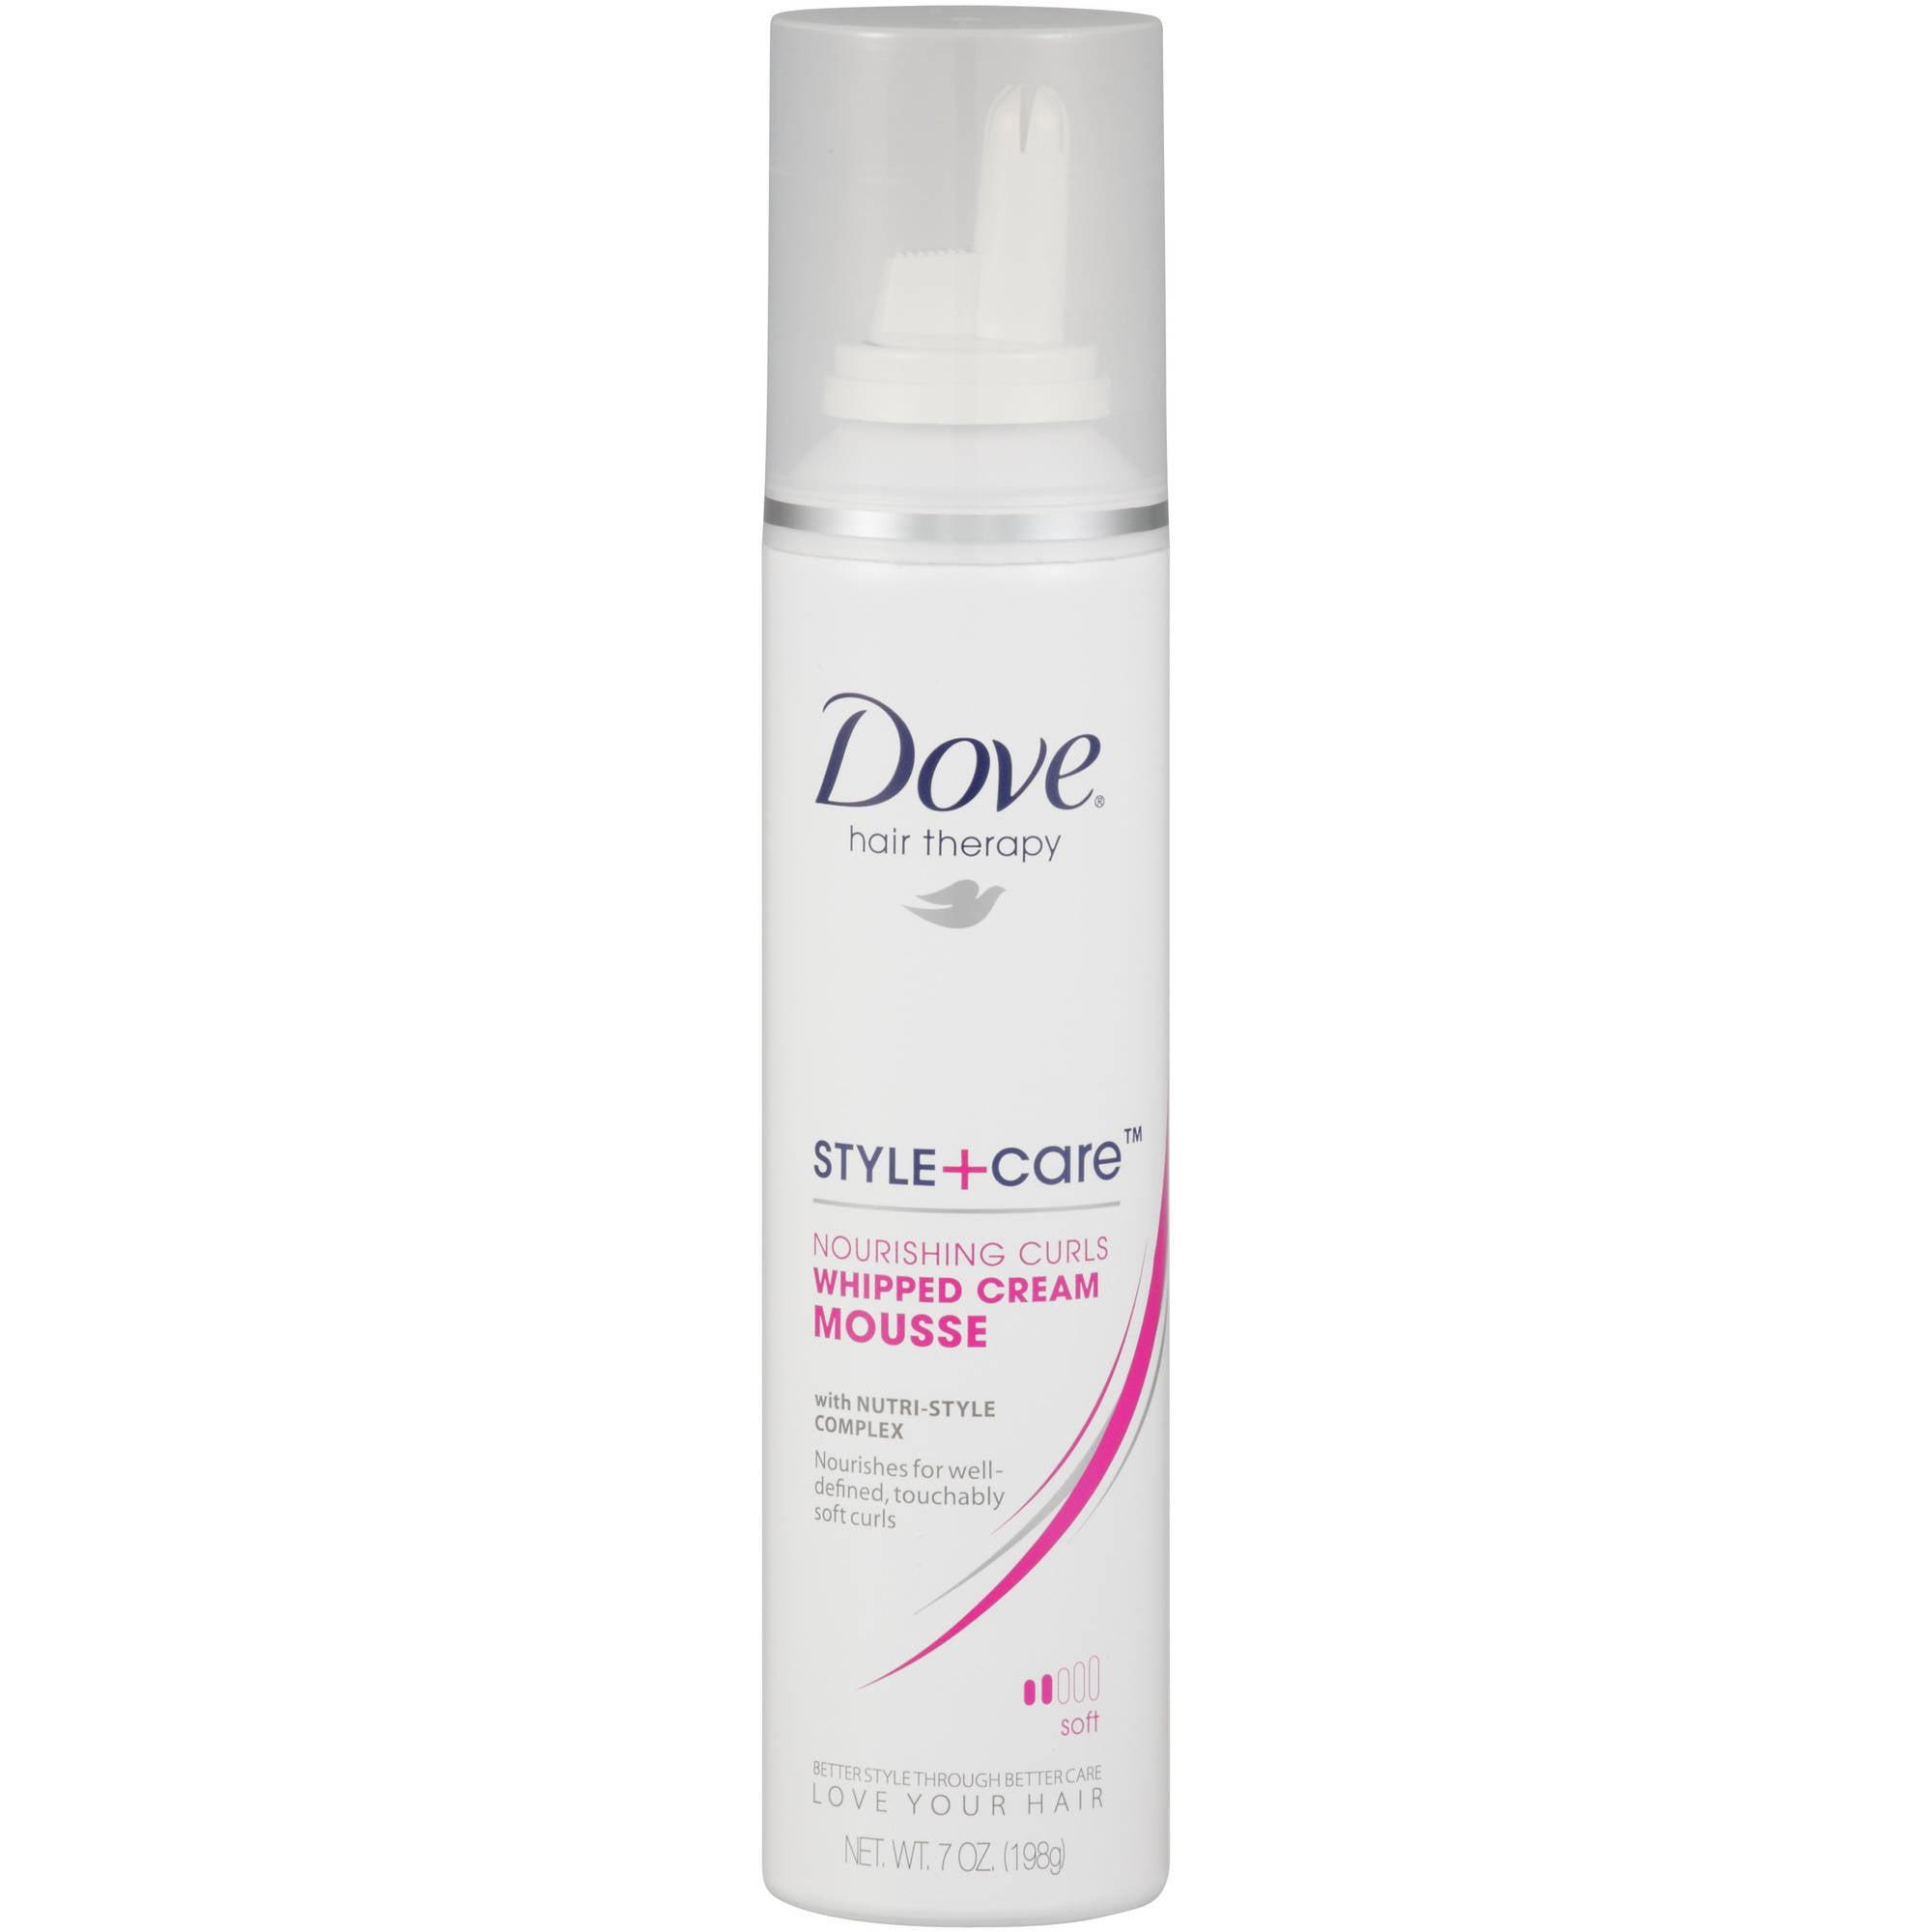 Dove Curls Defining Mousse, 7 oz